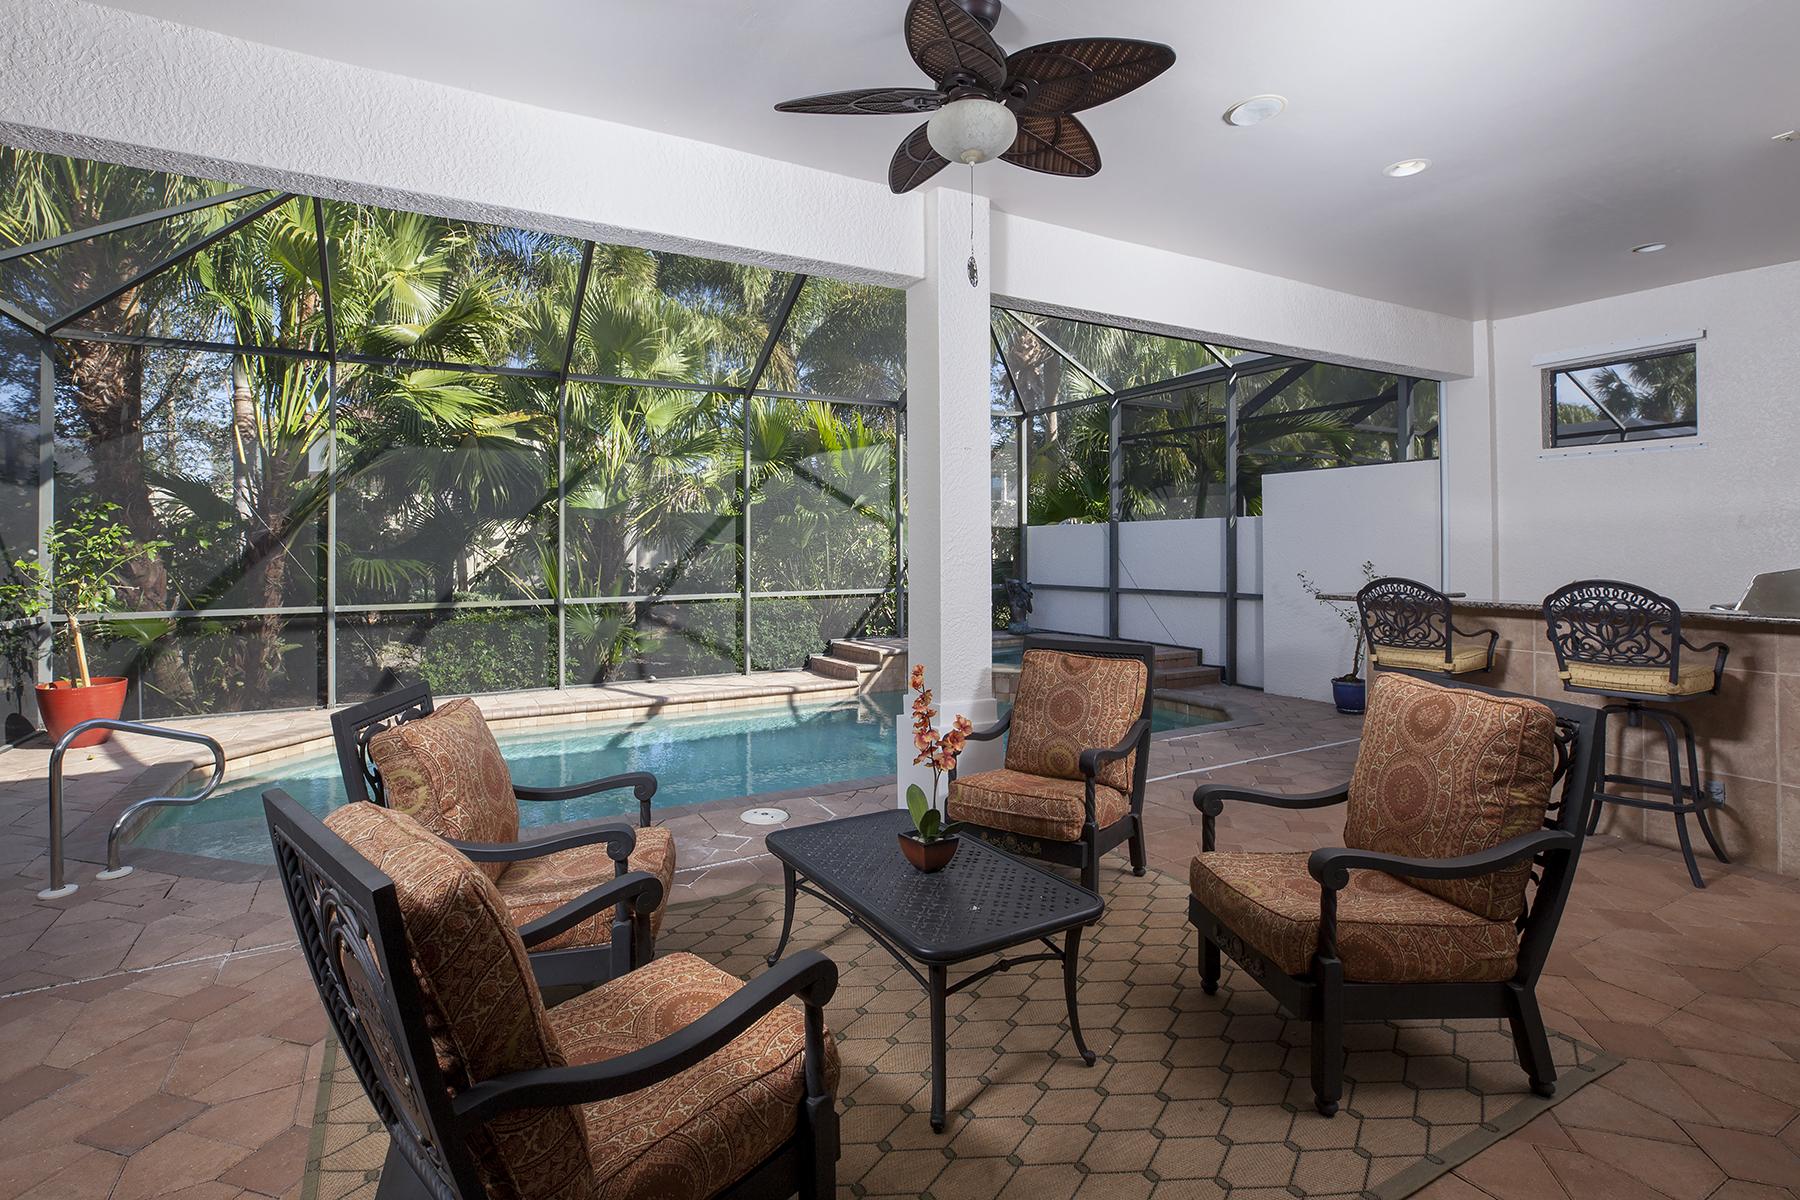 Villa per Vendita alle ore OLDE SYPRESS 3087 Santorini Ct, Naples, Florida, 34119 Stati Uniti